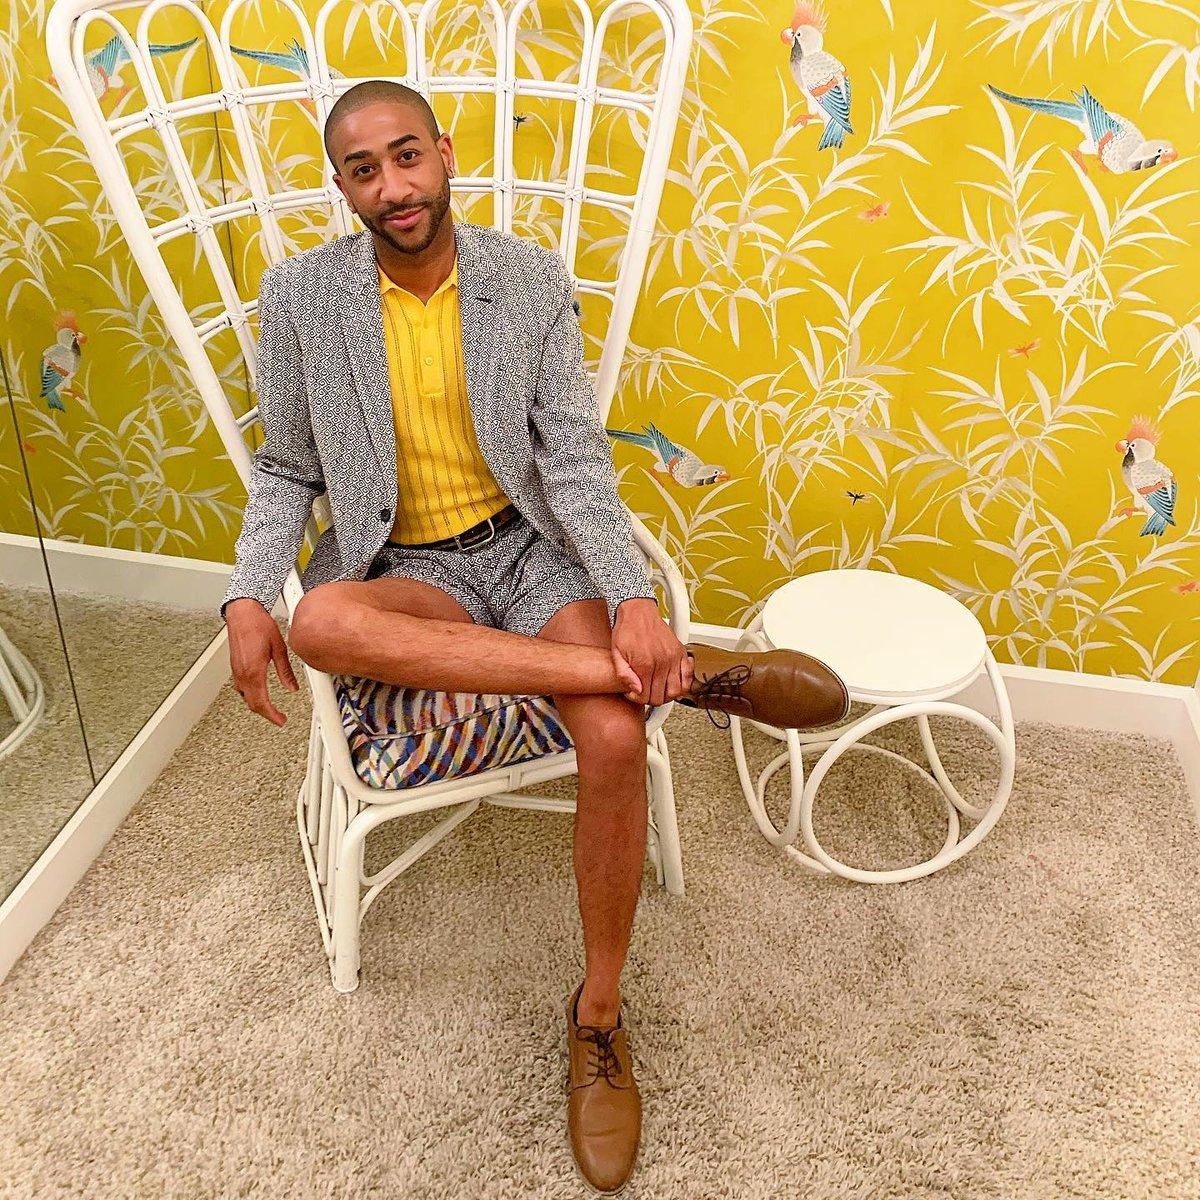 @paulpressure is bringing some color to brighten everyone's day ☀️ #MTOptimisim #MrTurkStyle #MrTurk #MrTurkSuitsYou